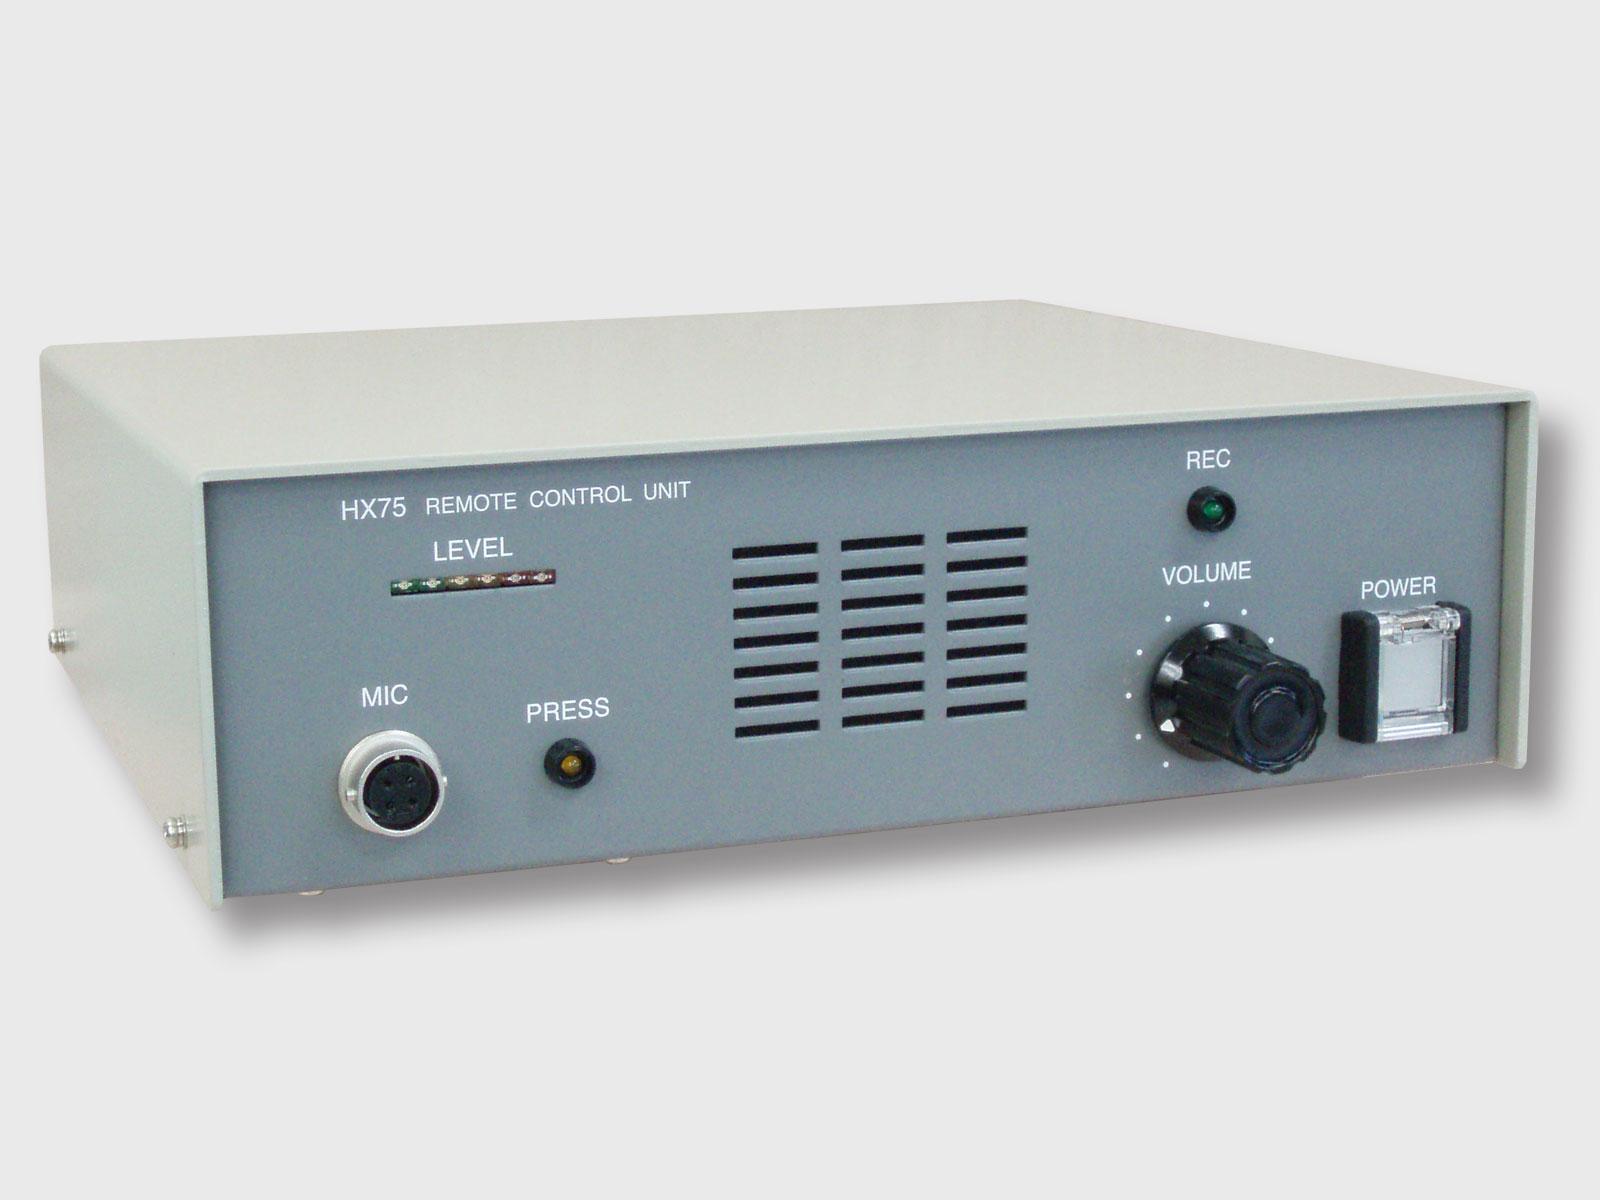 無線遠隔制御装置 HX75